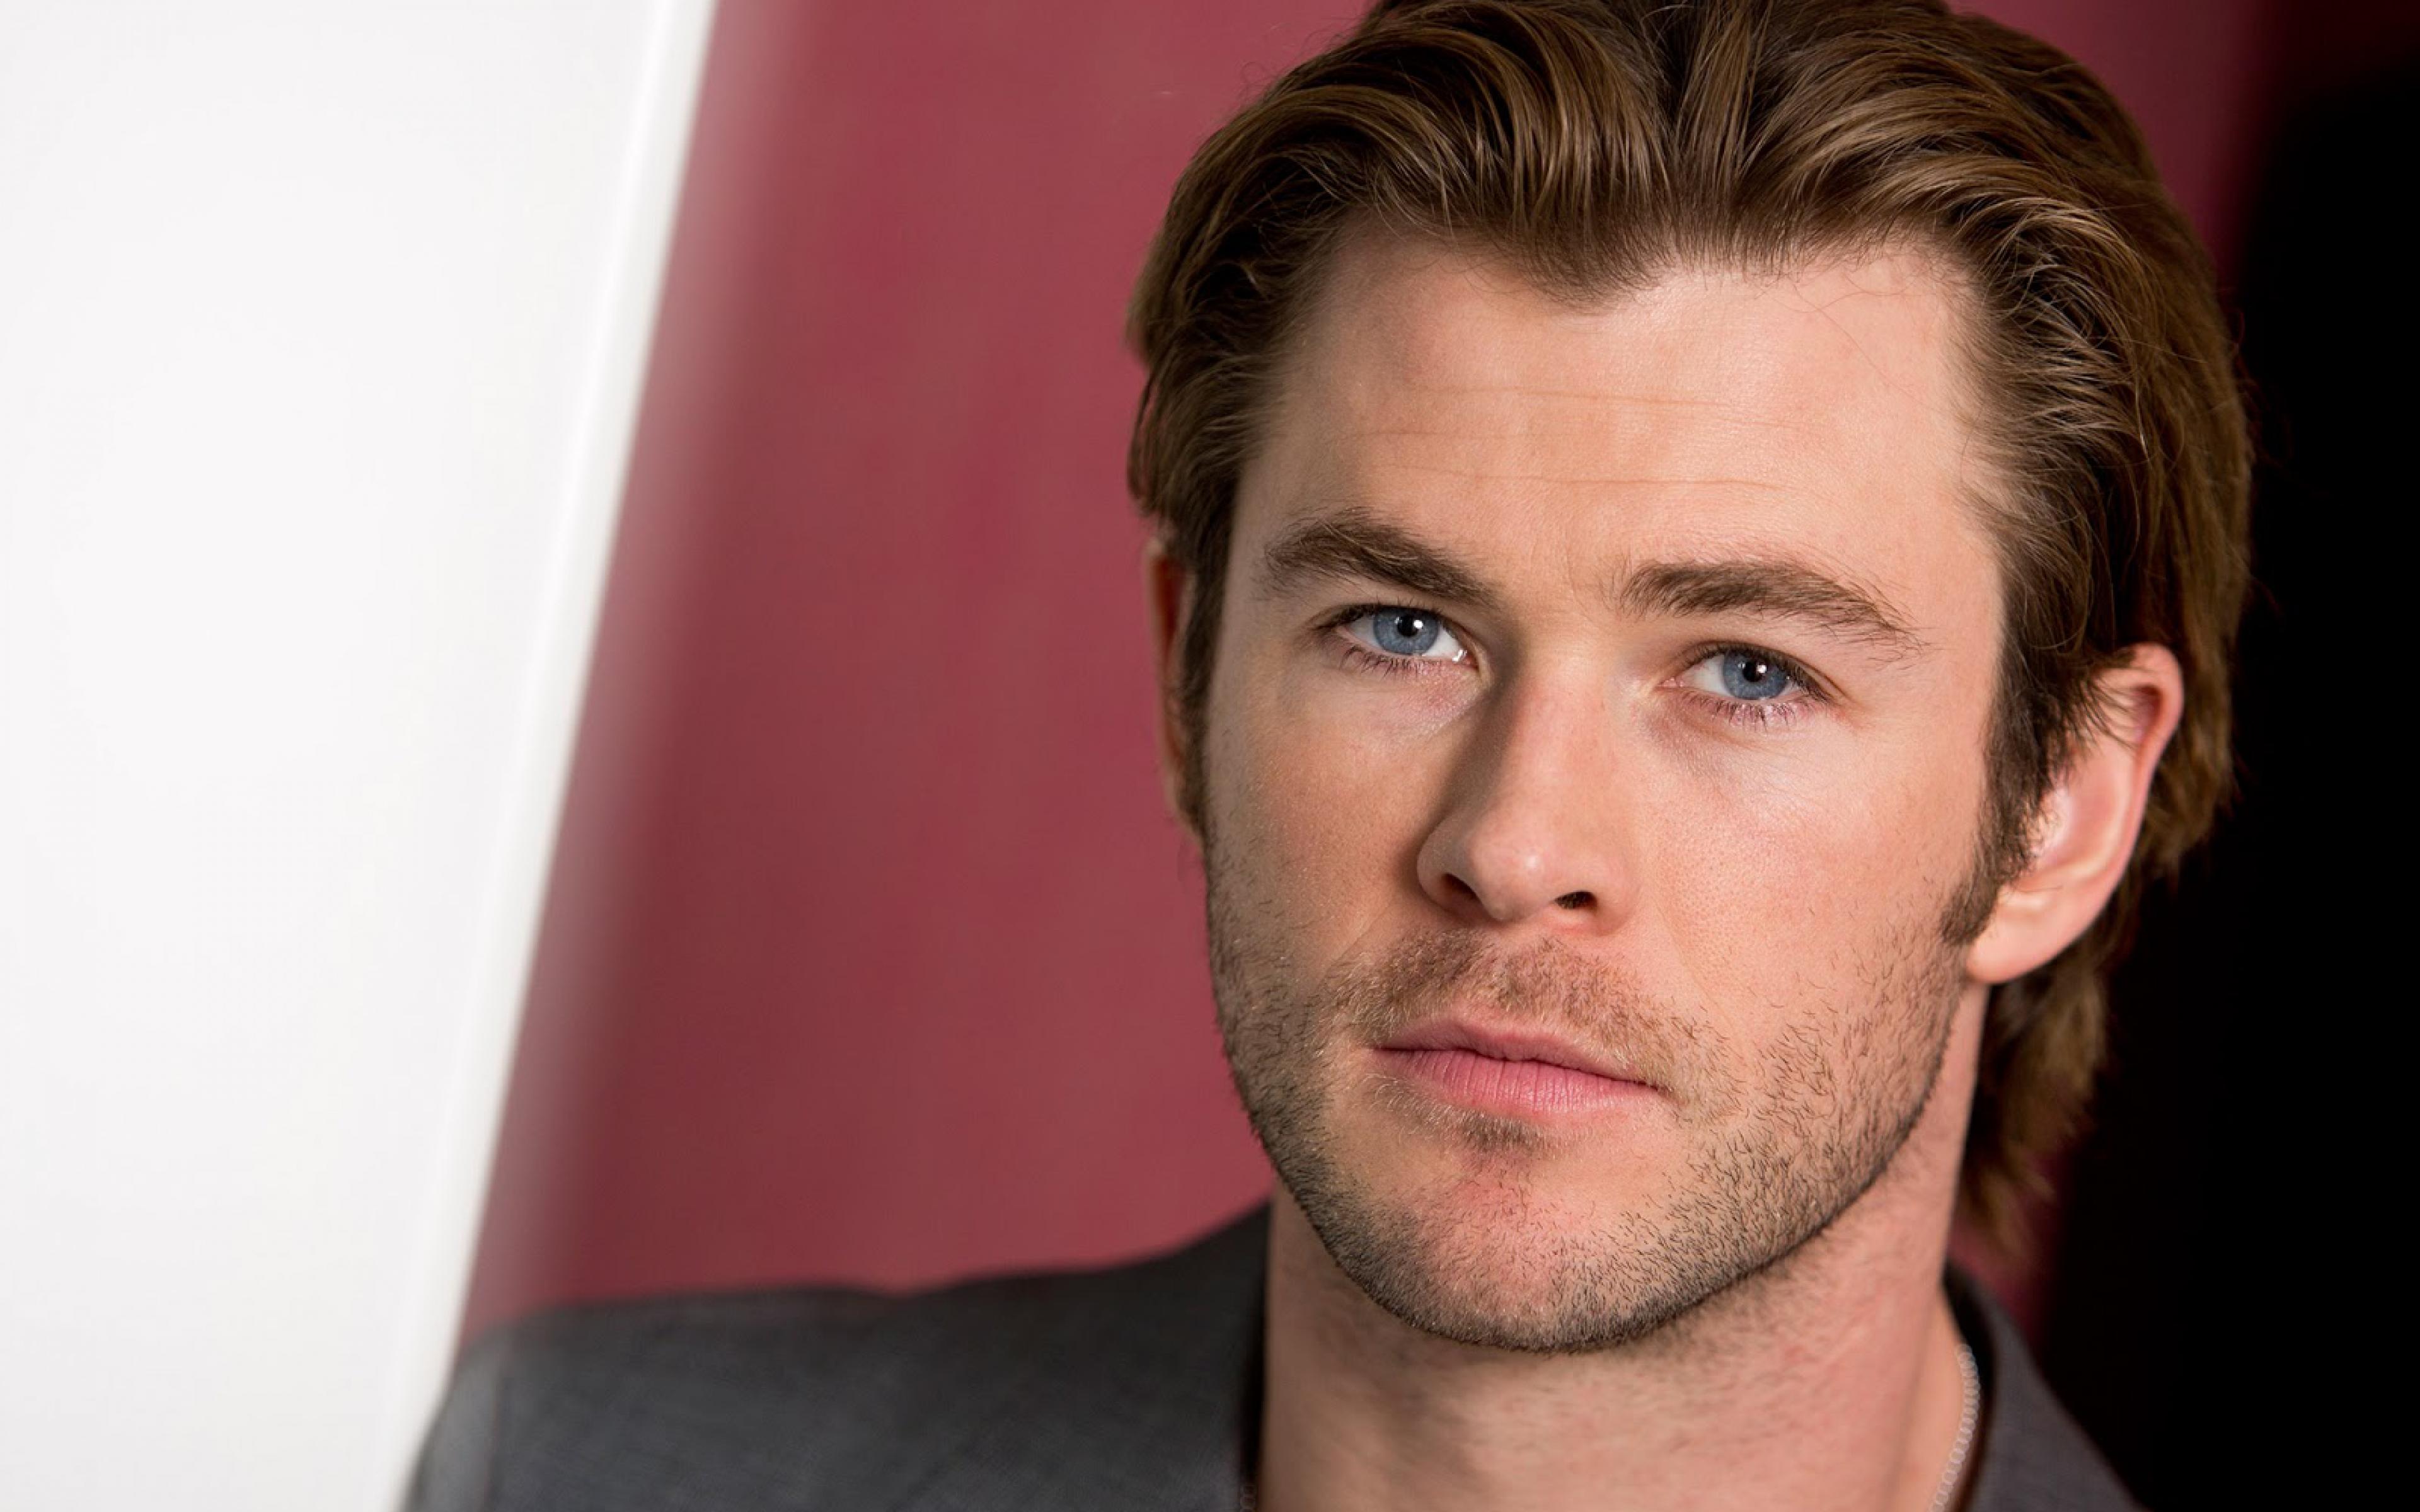 Chris Hemsworth beautiful blue eyes hd wallpapers www 3840x2400